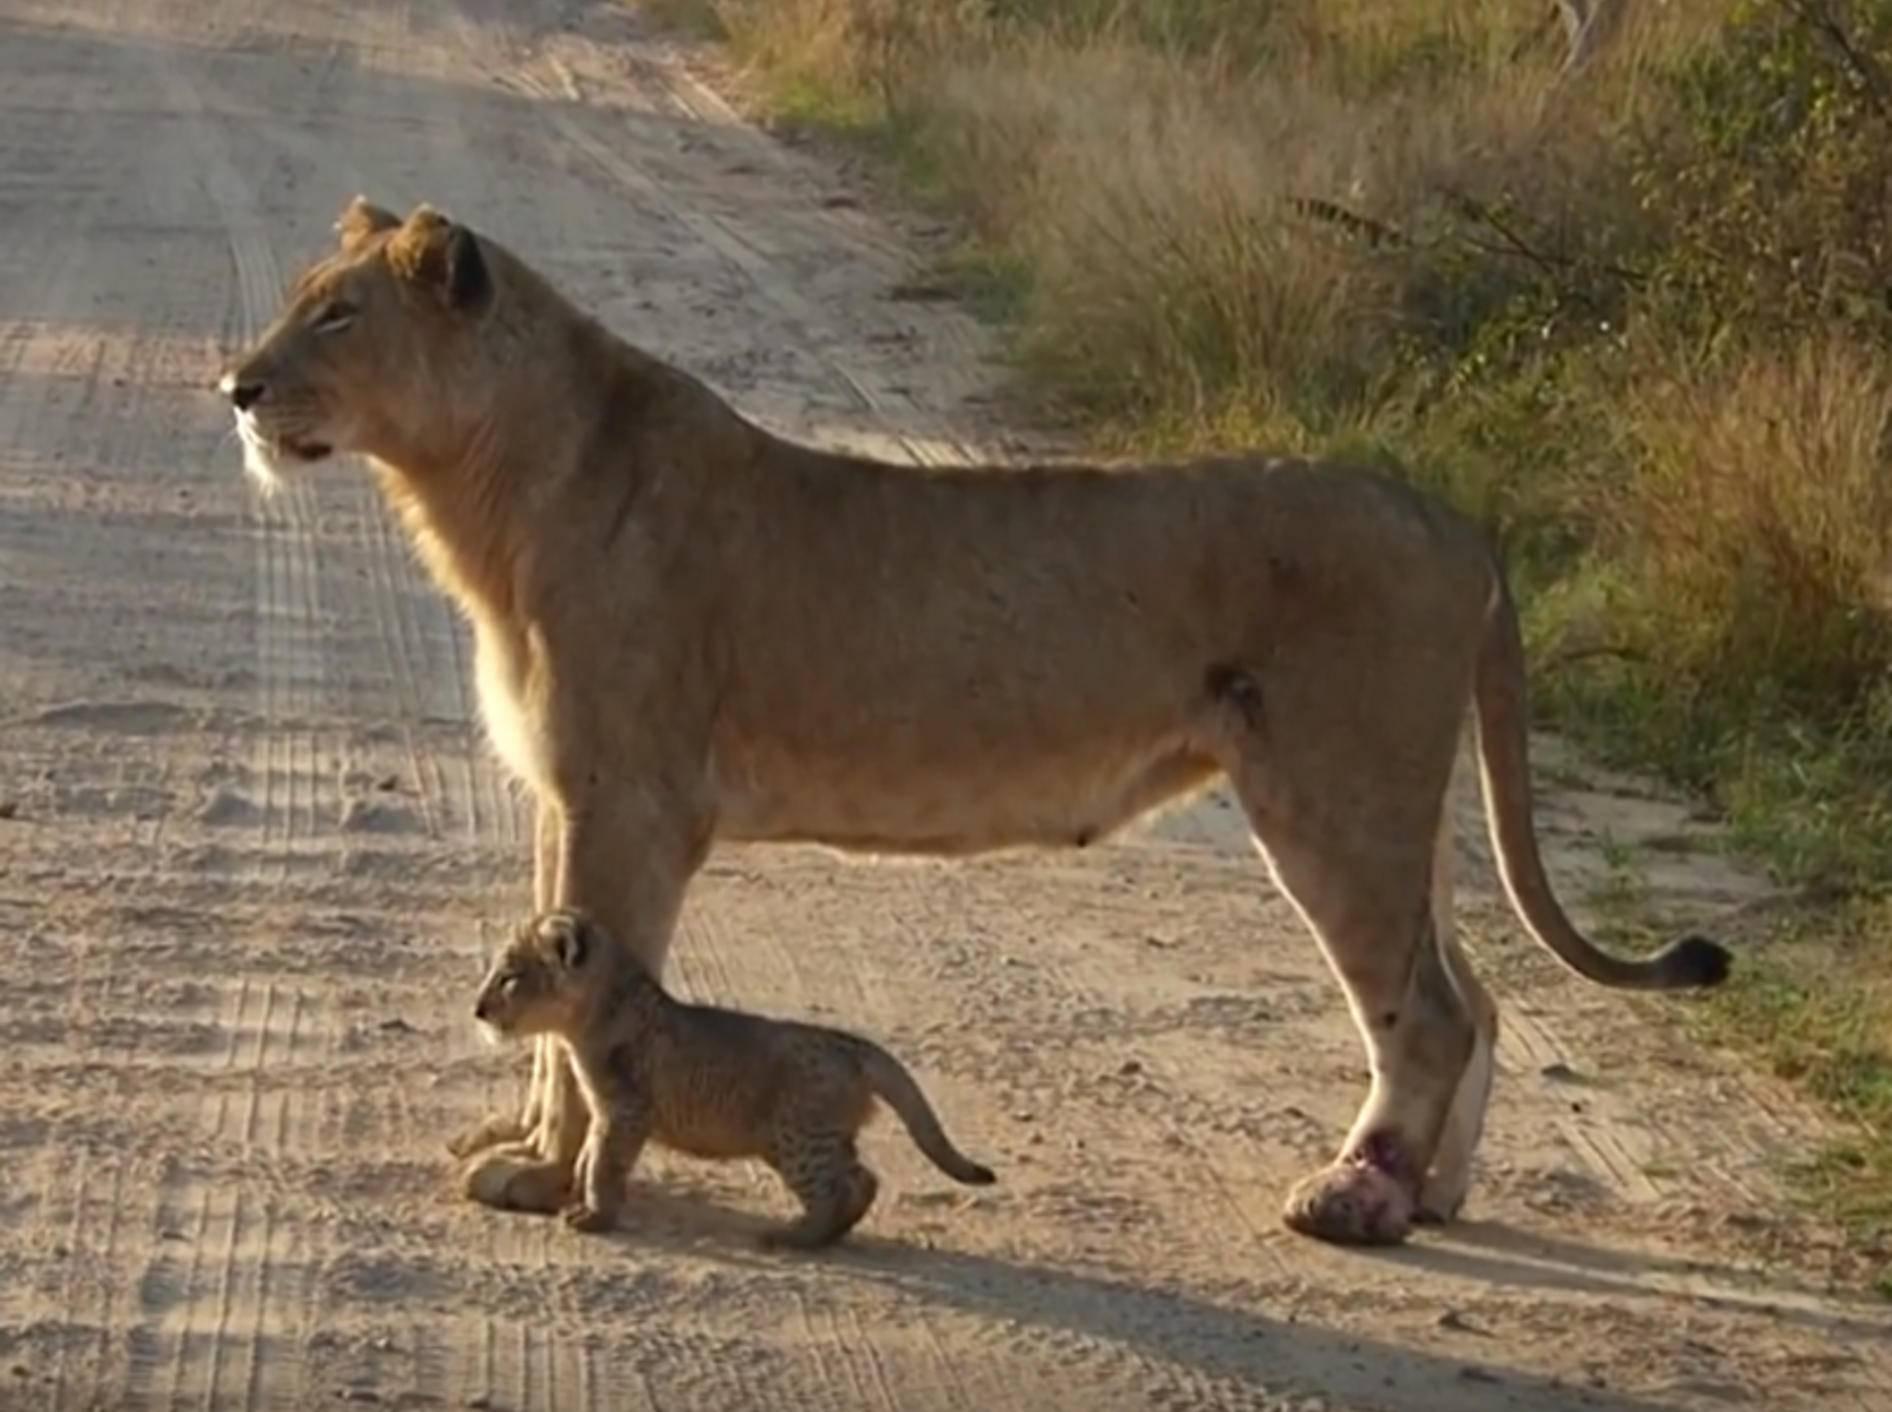 Löwenmutter mit Löwenbaby: Der Kleine muss das Brüllen noch üben – YouTube / Kruger National Park